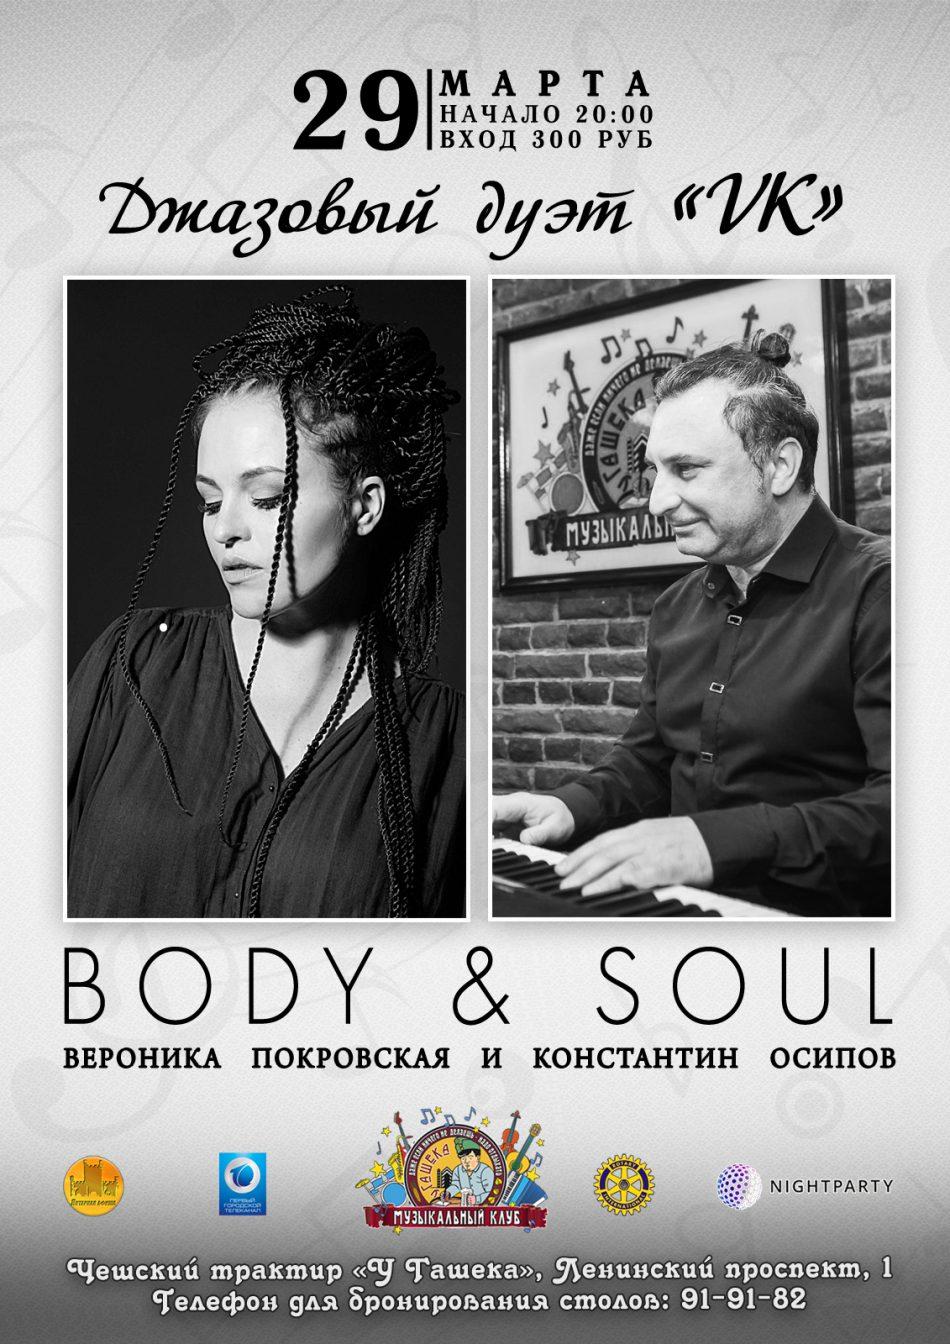 Джазовый дуэт «V&K» — «Body & Soul»